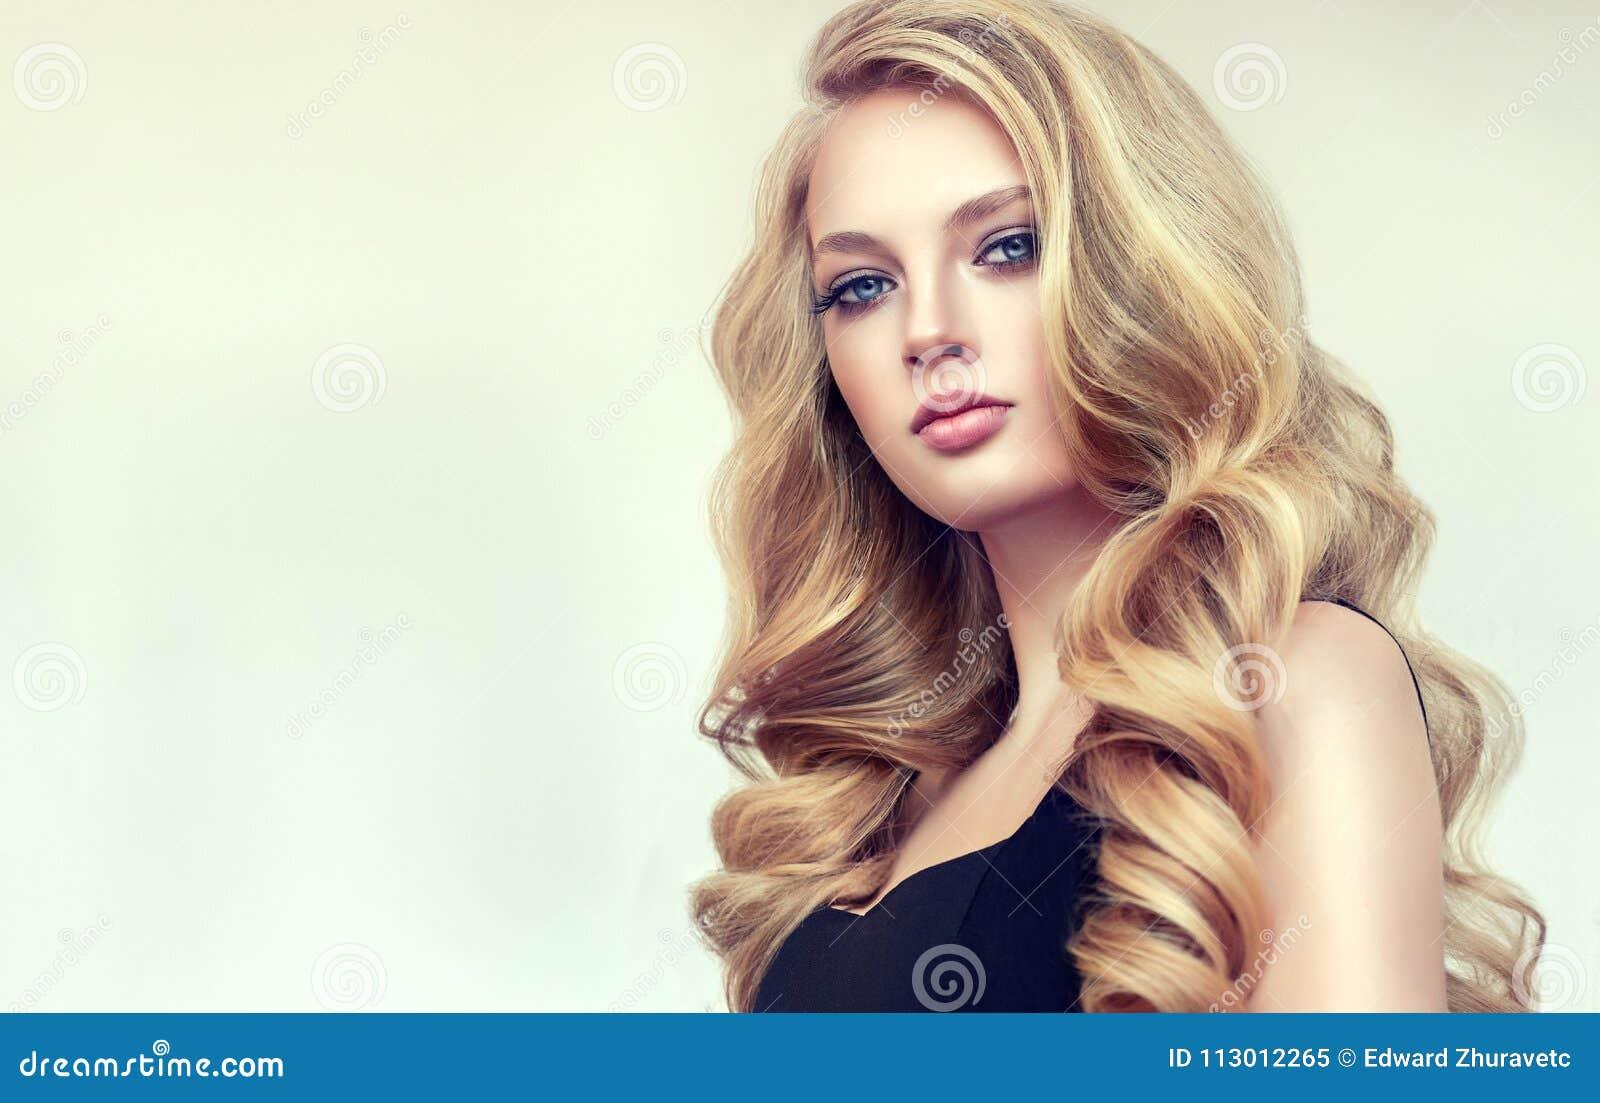 Femme aux cheveux d or avec la coiffure volumineuse, brillante et bouclée Cheveux crépus